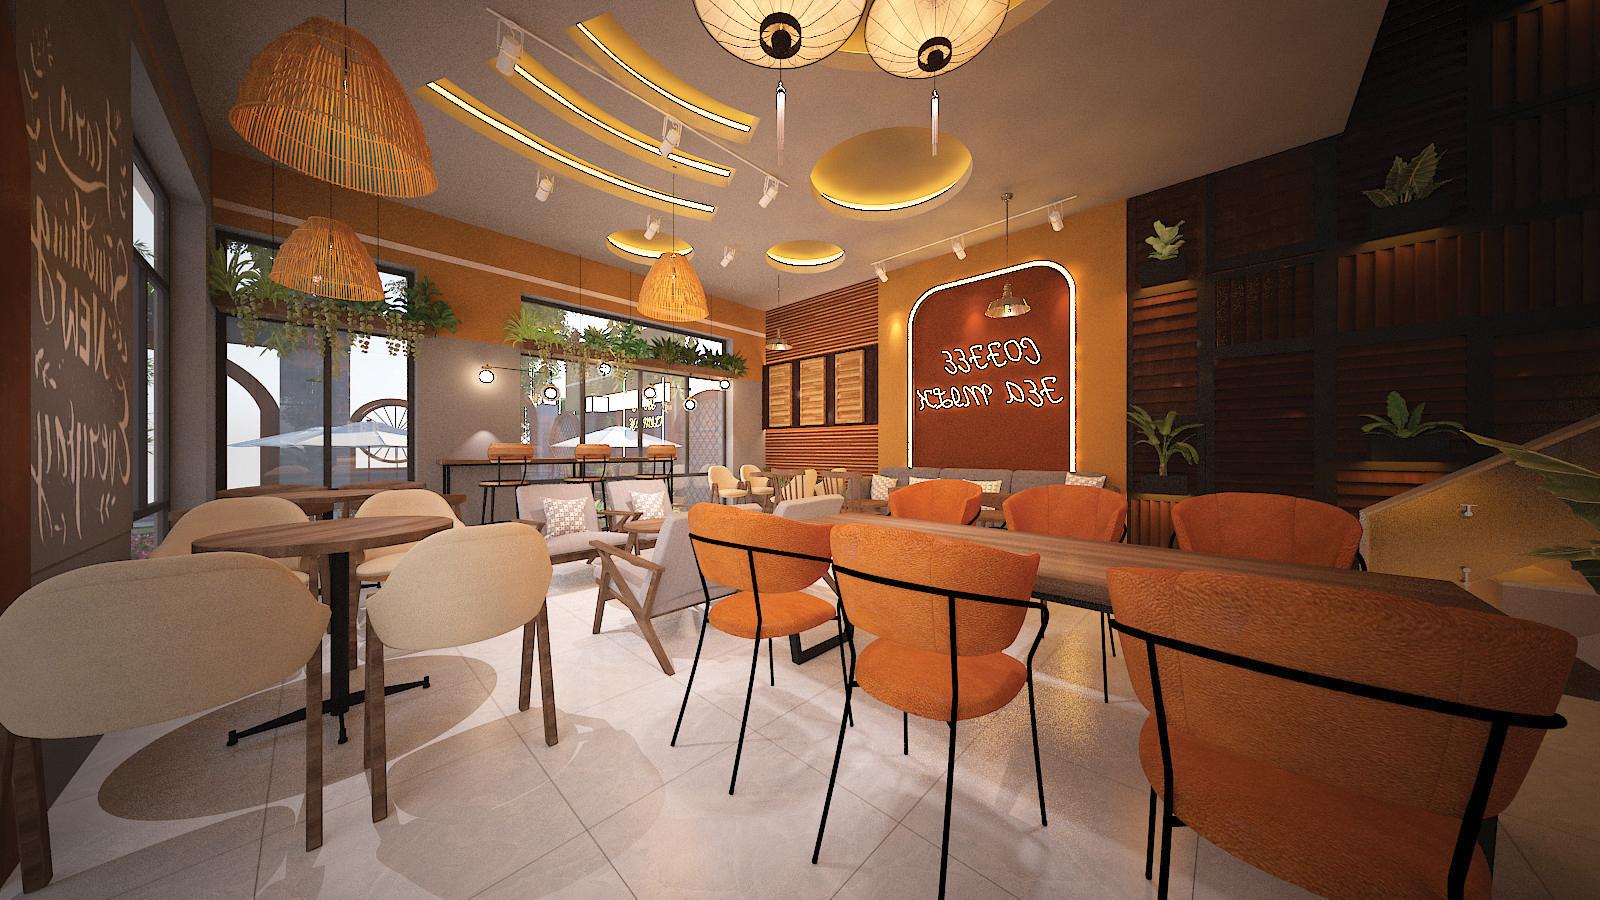 Vật dụng decor trong quán cà phê